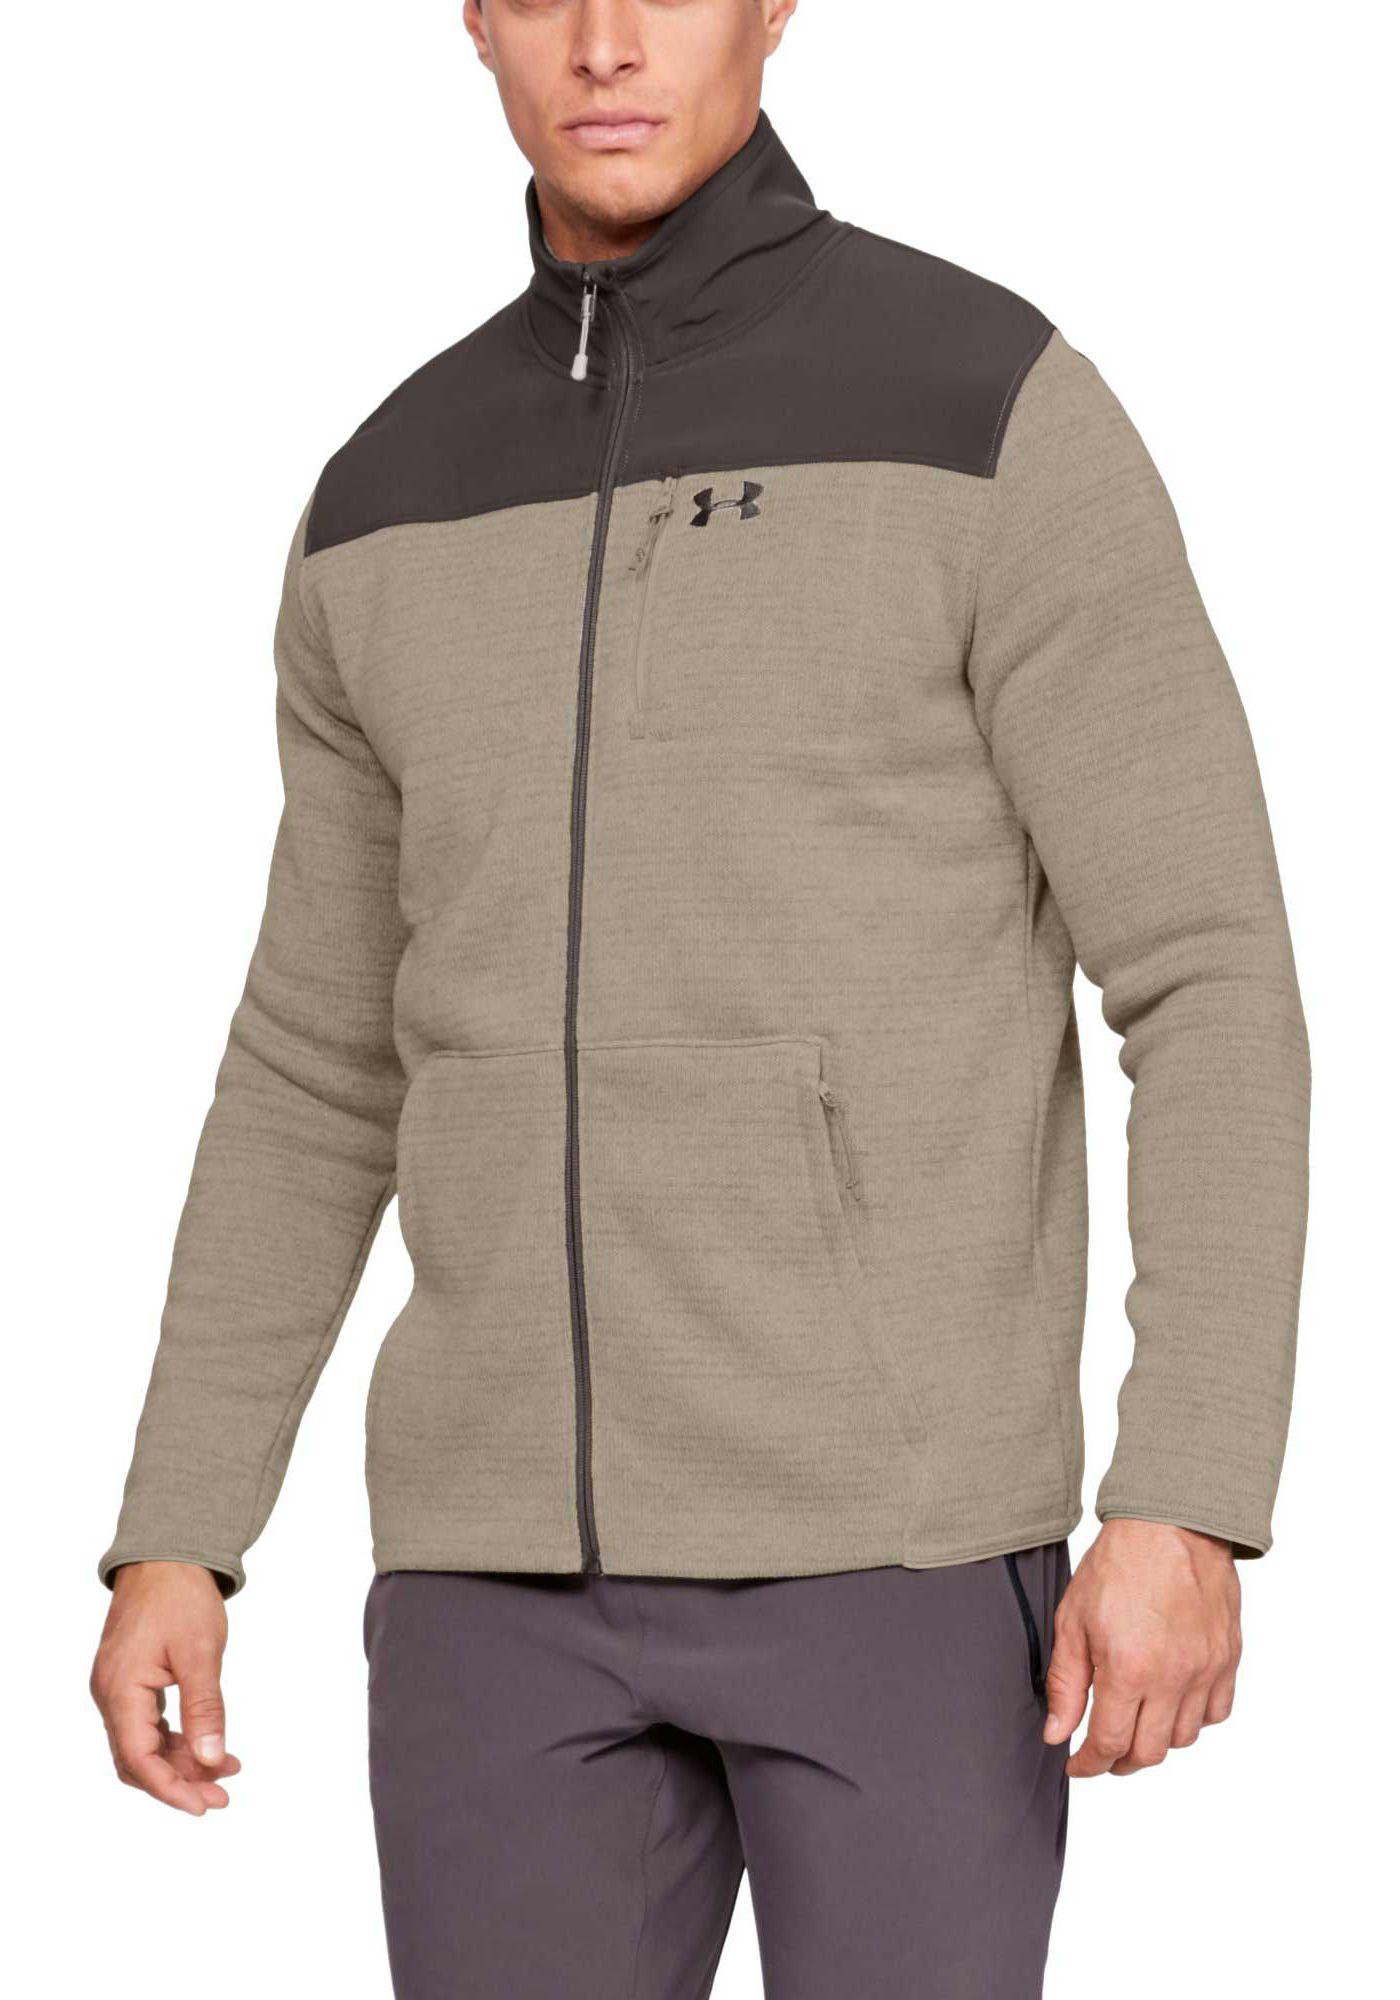 Under Armour Men's Specialist 2.0 Fleece Jacket